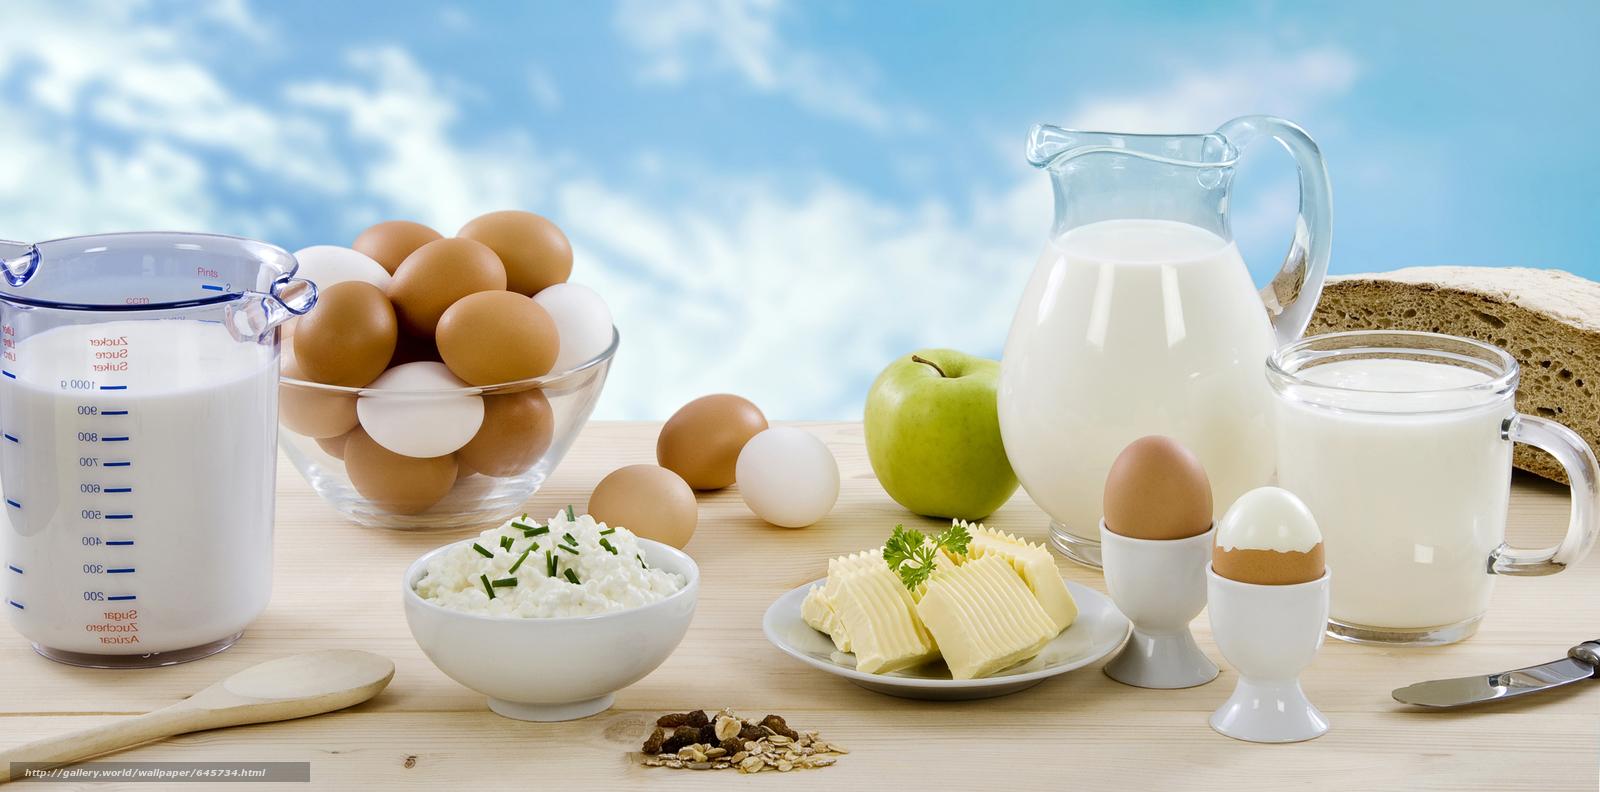 Скачать обои сыр,  еда,  пища,  провиант бесплатно для рабочего стола в разрешении 8504x4212 — картинка №645734